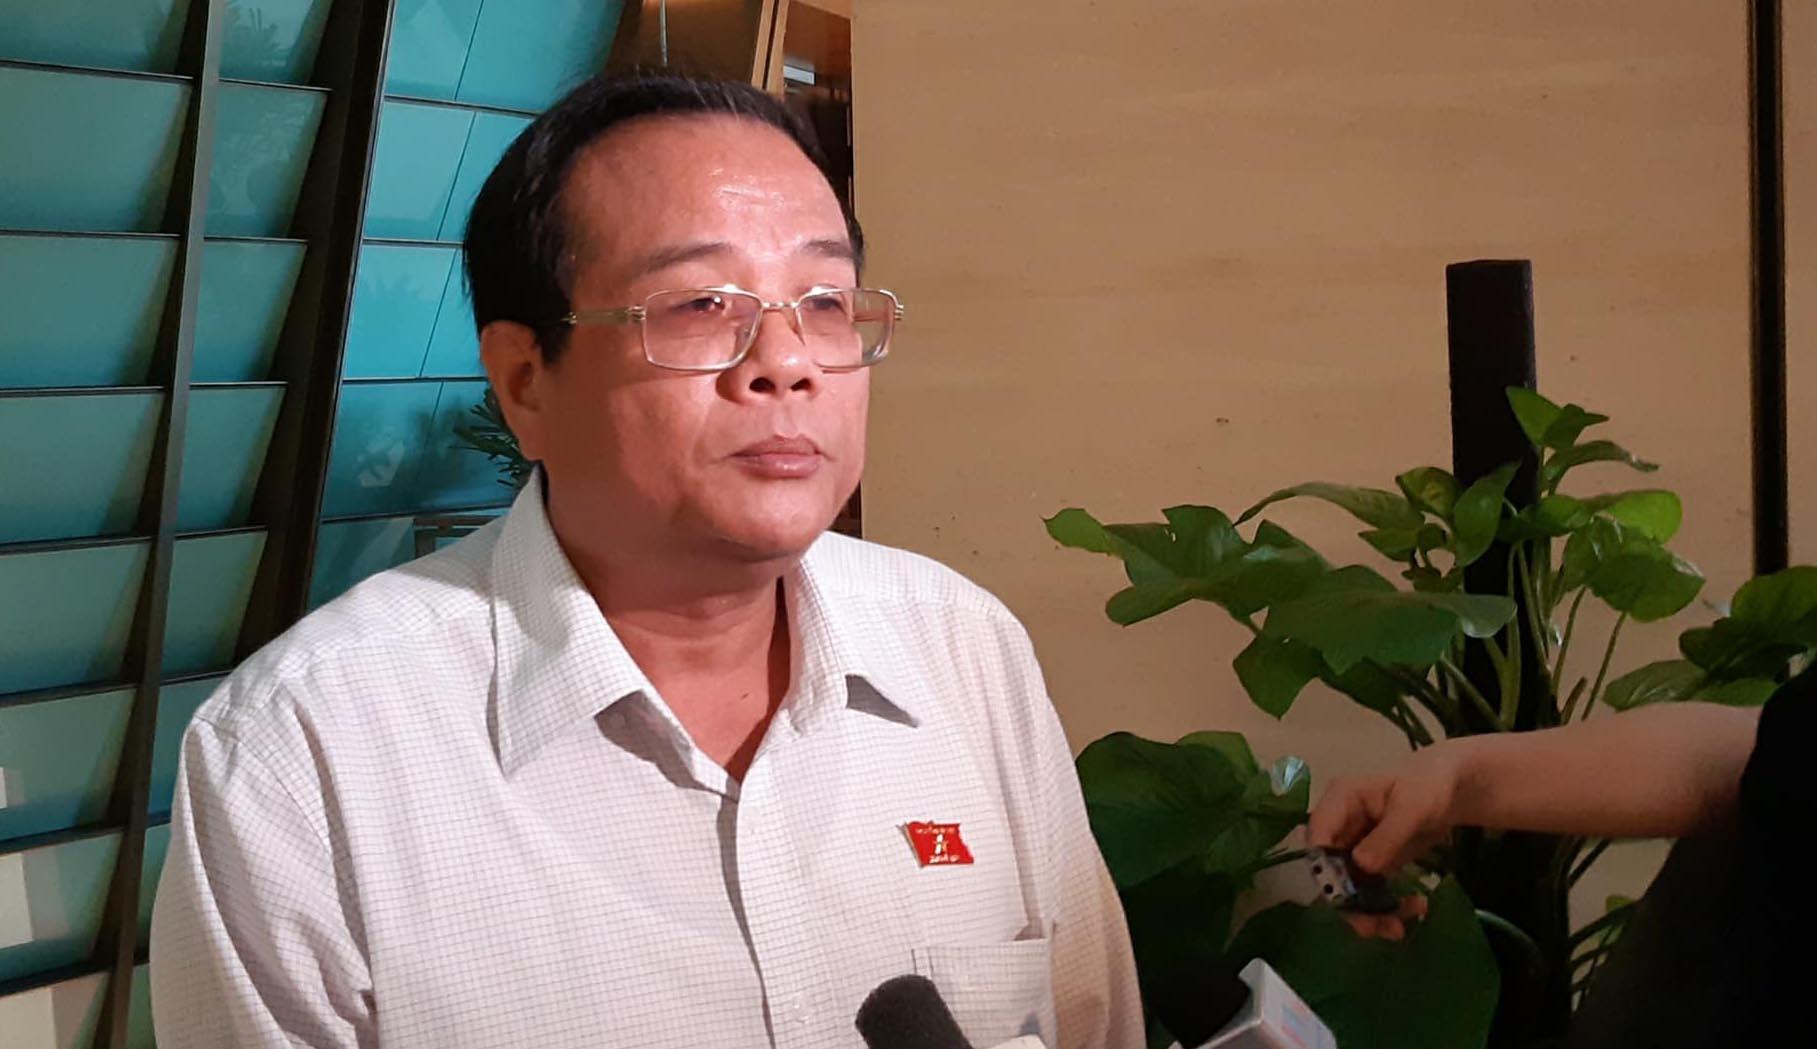 Bình Thuận,biểu tình,Huỳnh Thanh Cảnh,luật Đặc khu,bạo động,đặc khu,luật biểu tình